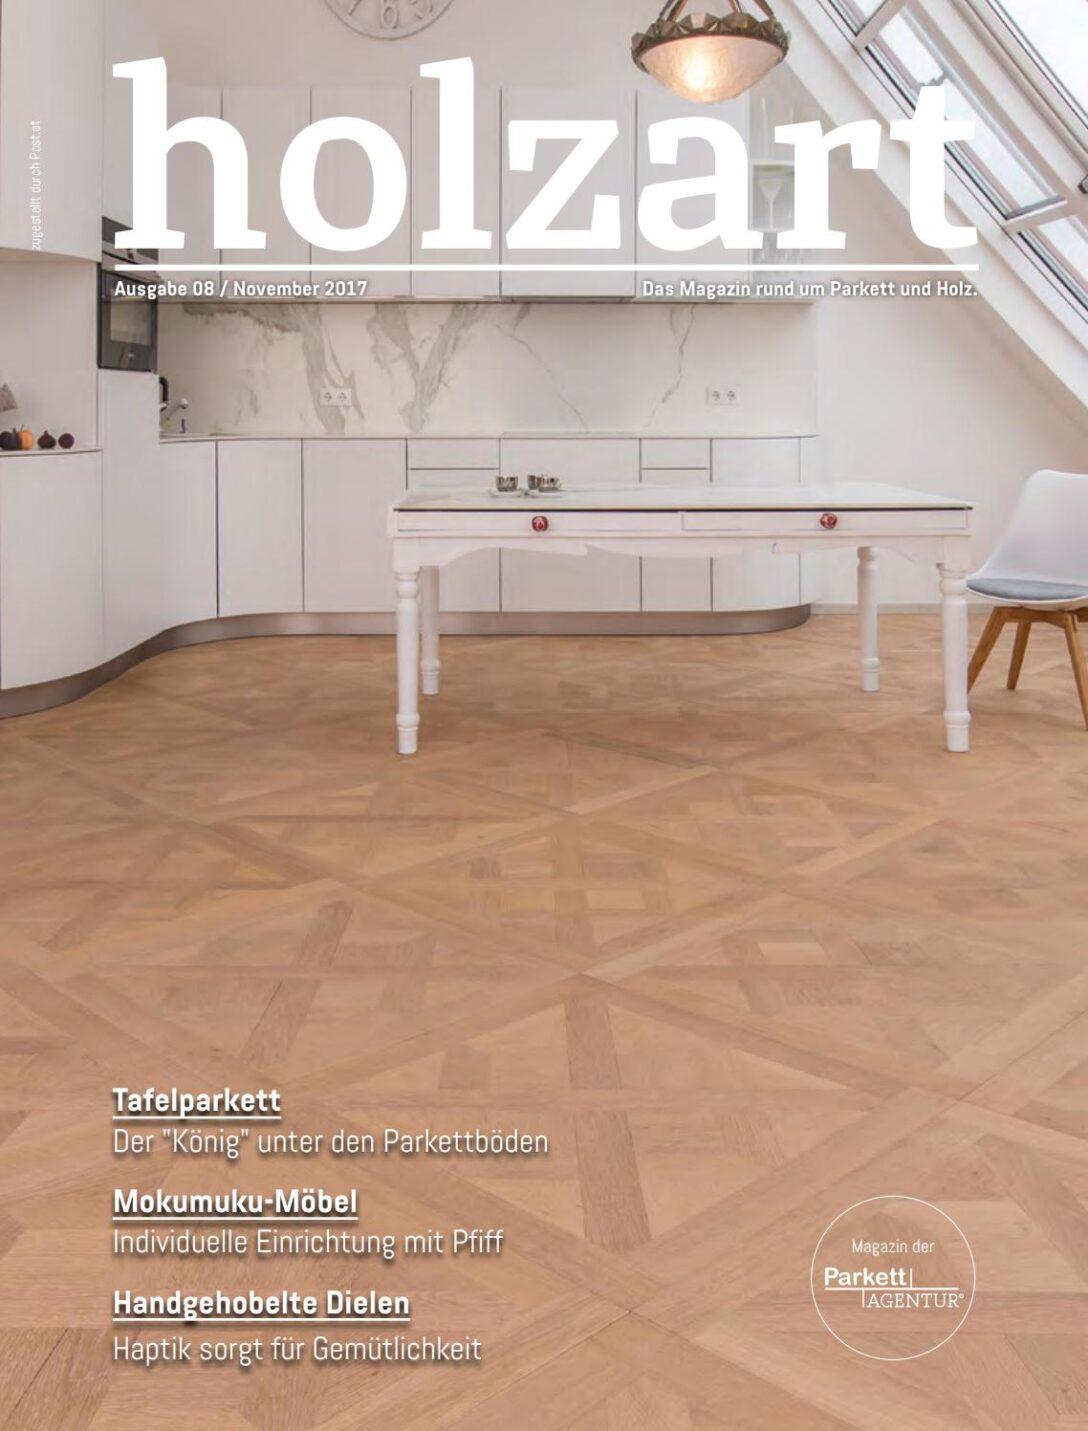 Large Size of Mokumuku Franz Holzart November 2017 By Wohnnet Fertig Sofa Französische Betten Wohnzimmer Mokumuku Franz